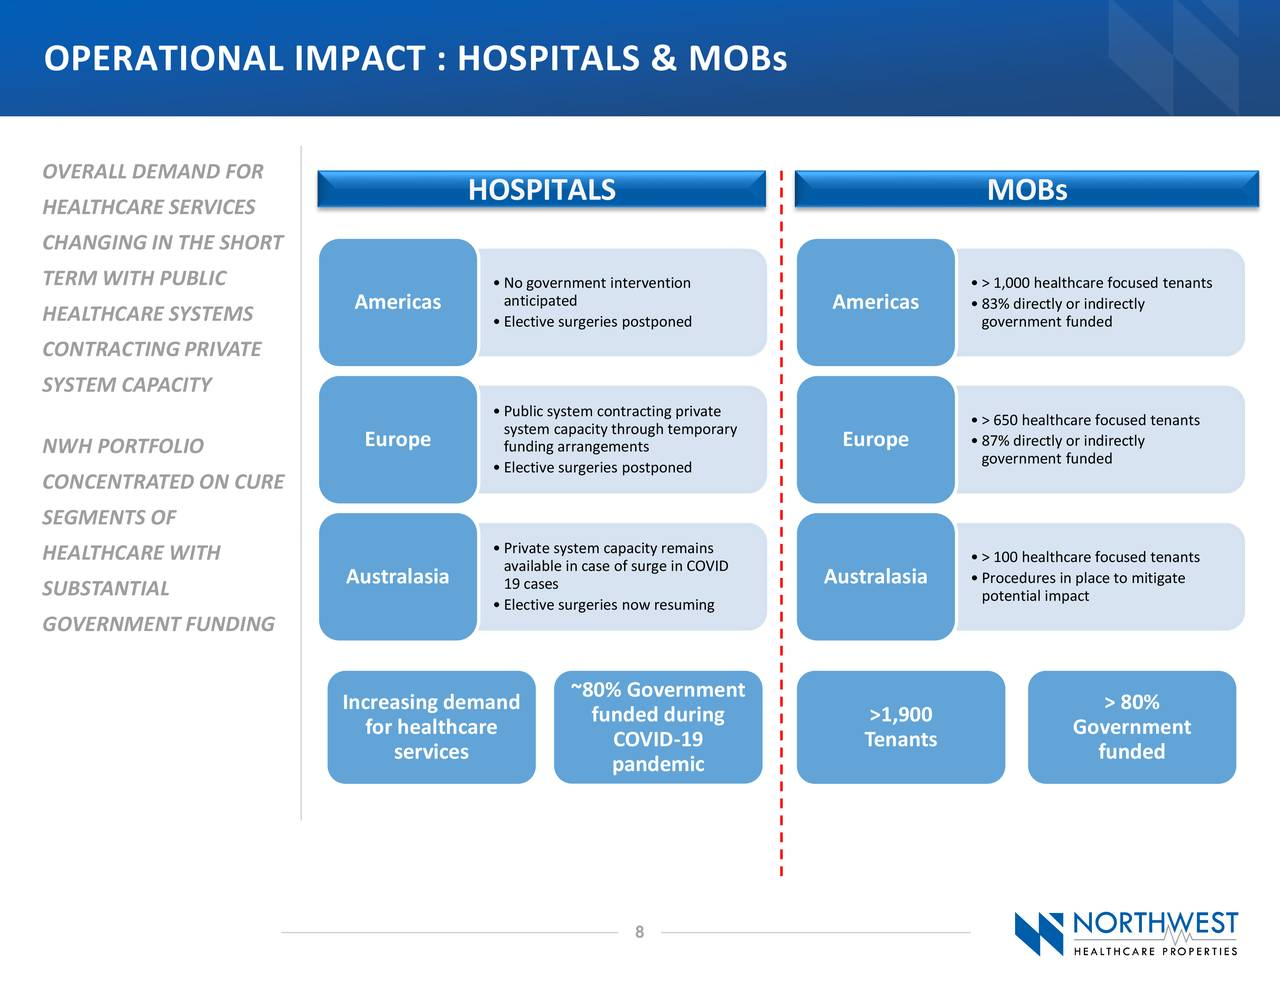 IMPACTO OPERATIVO: HOSPITALES Y MOB